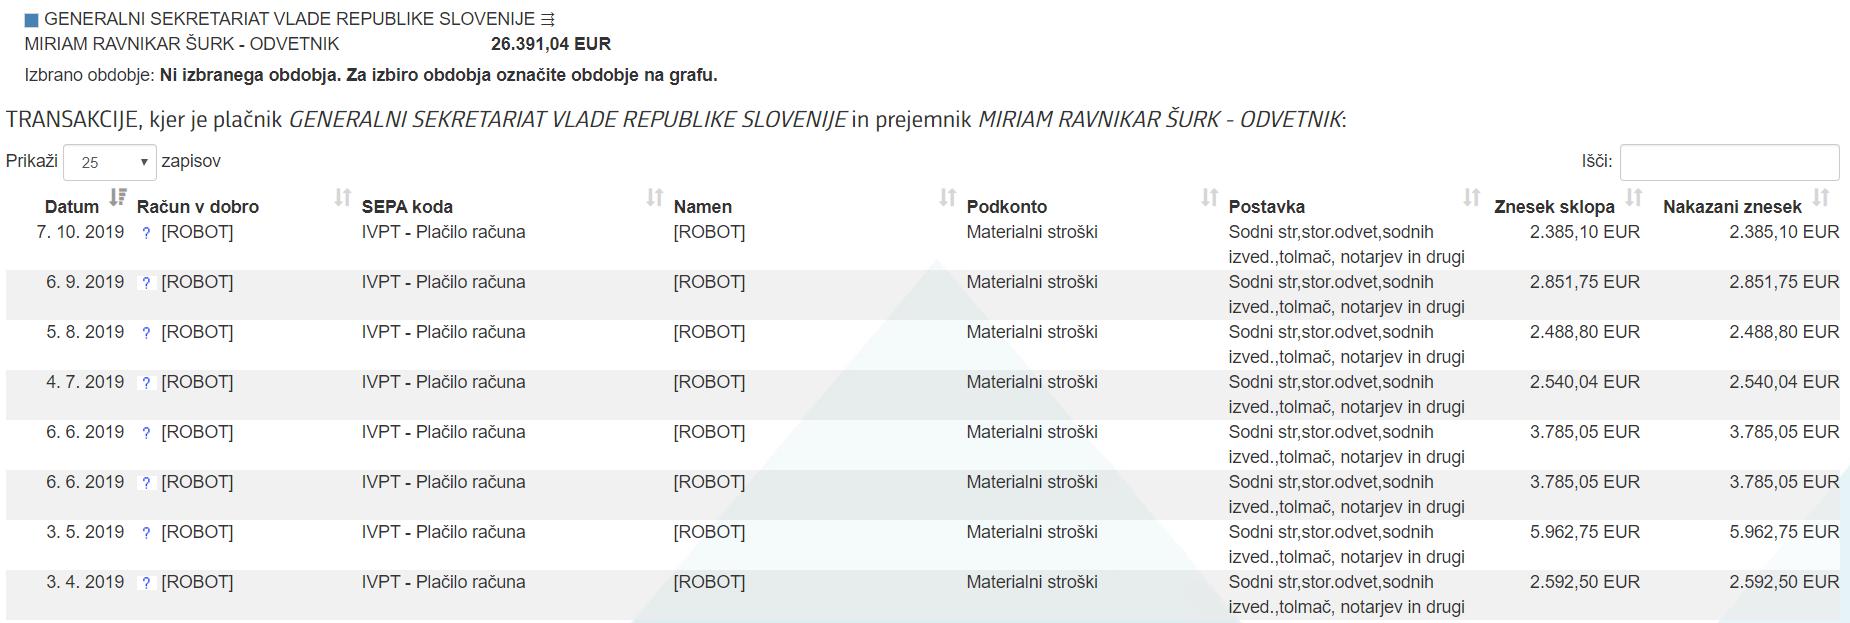 Znesek, ki ga je v letošnjem letu od GSV dobila MIrjam Ravnikar Šurk. (vir ERAR)